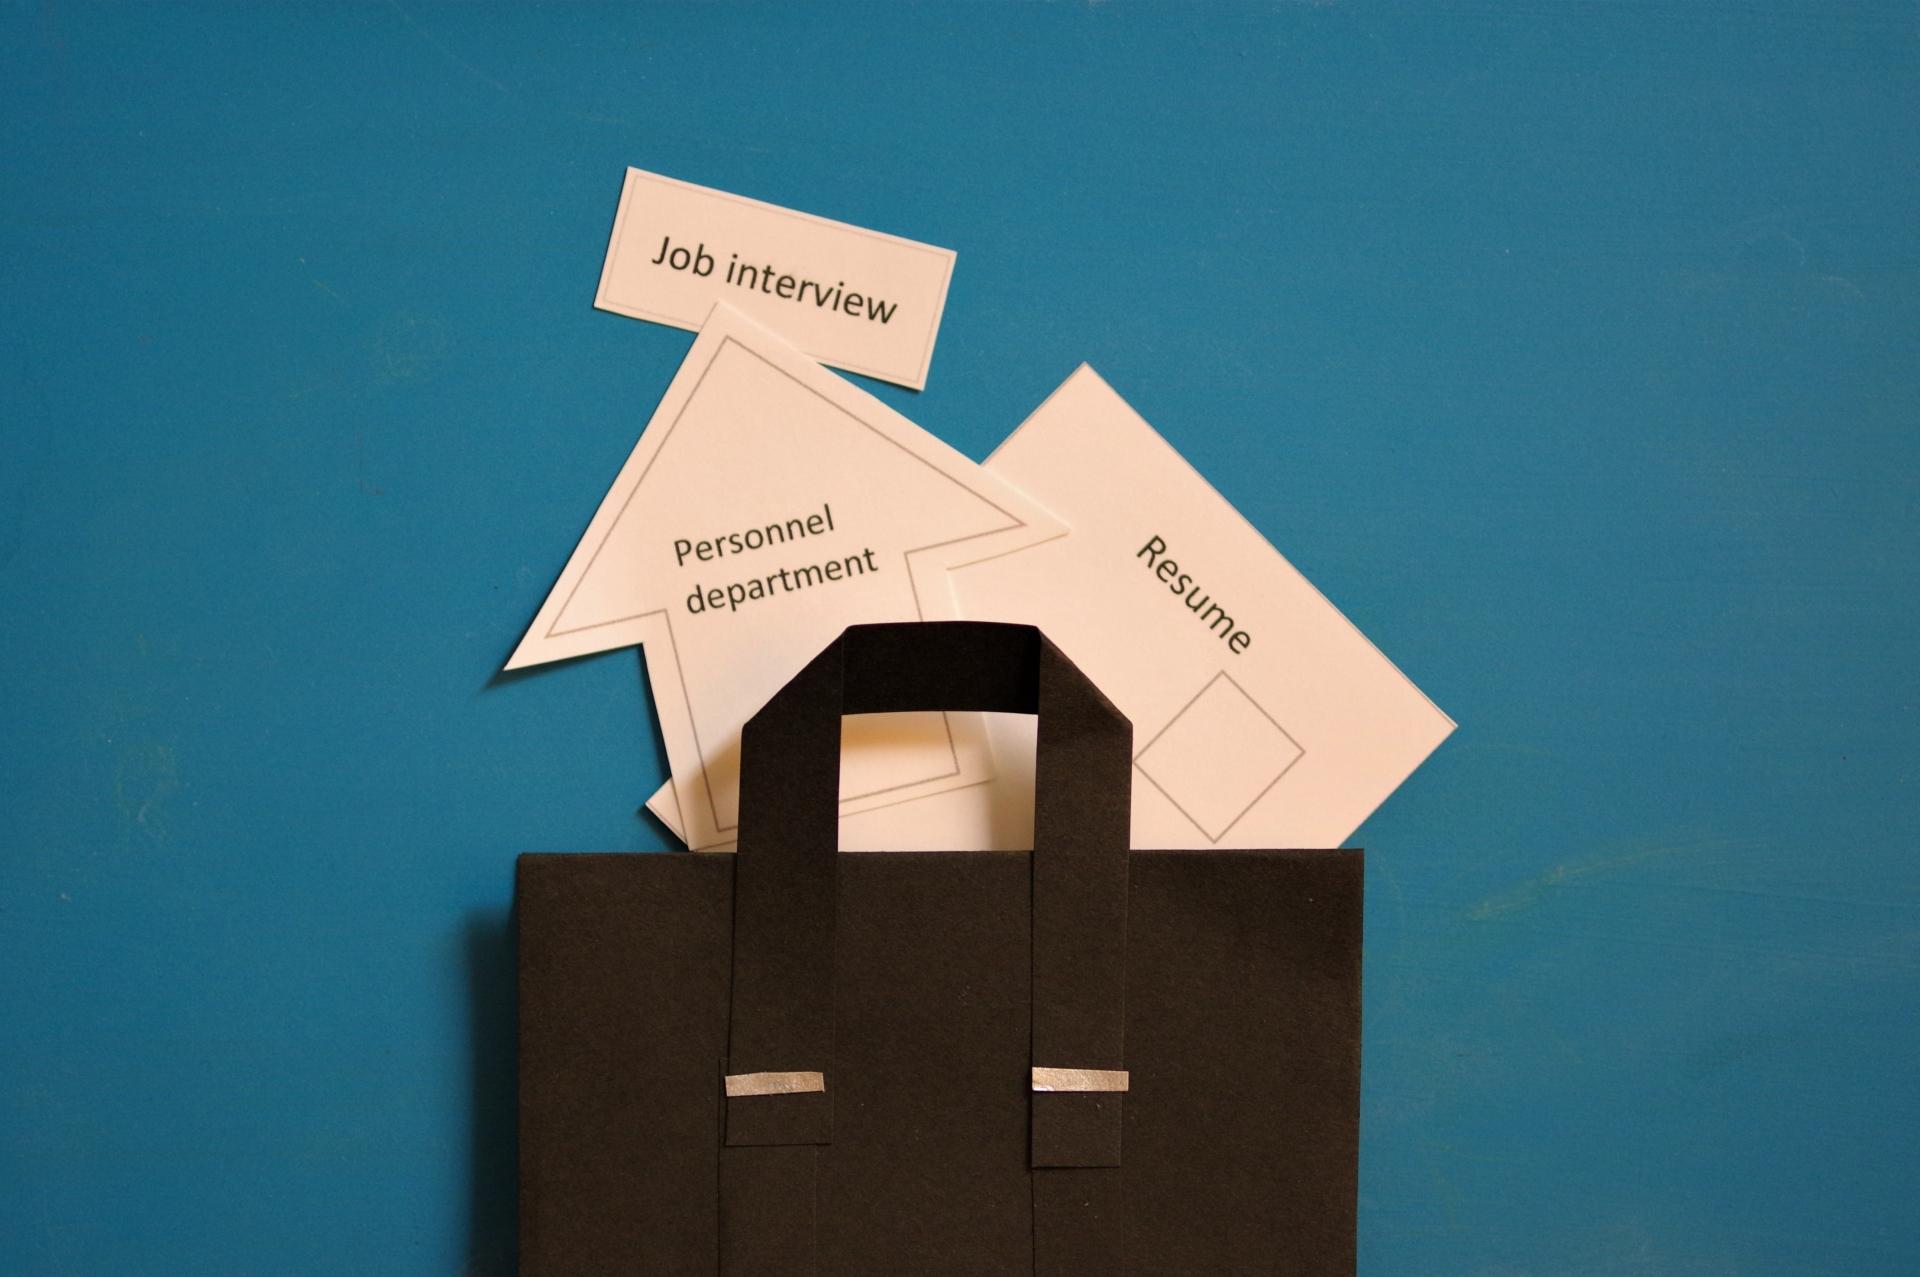 転職に活かせるフレームワークを知っていますか?